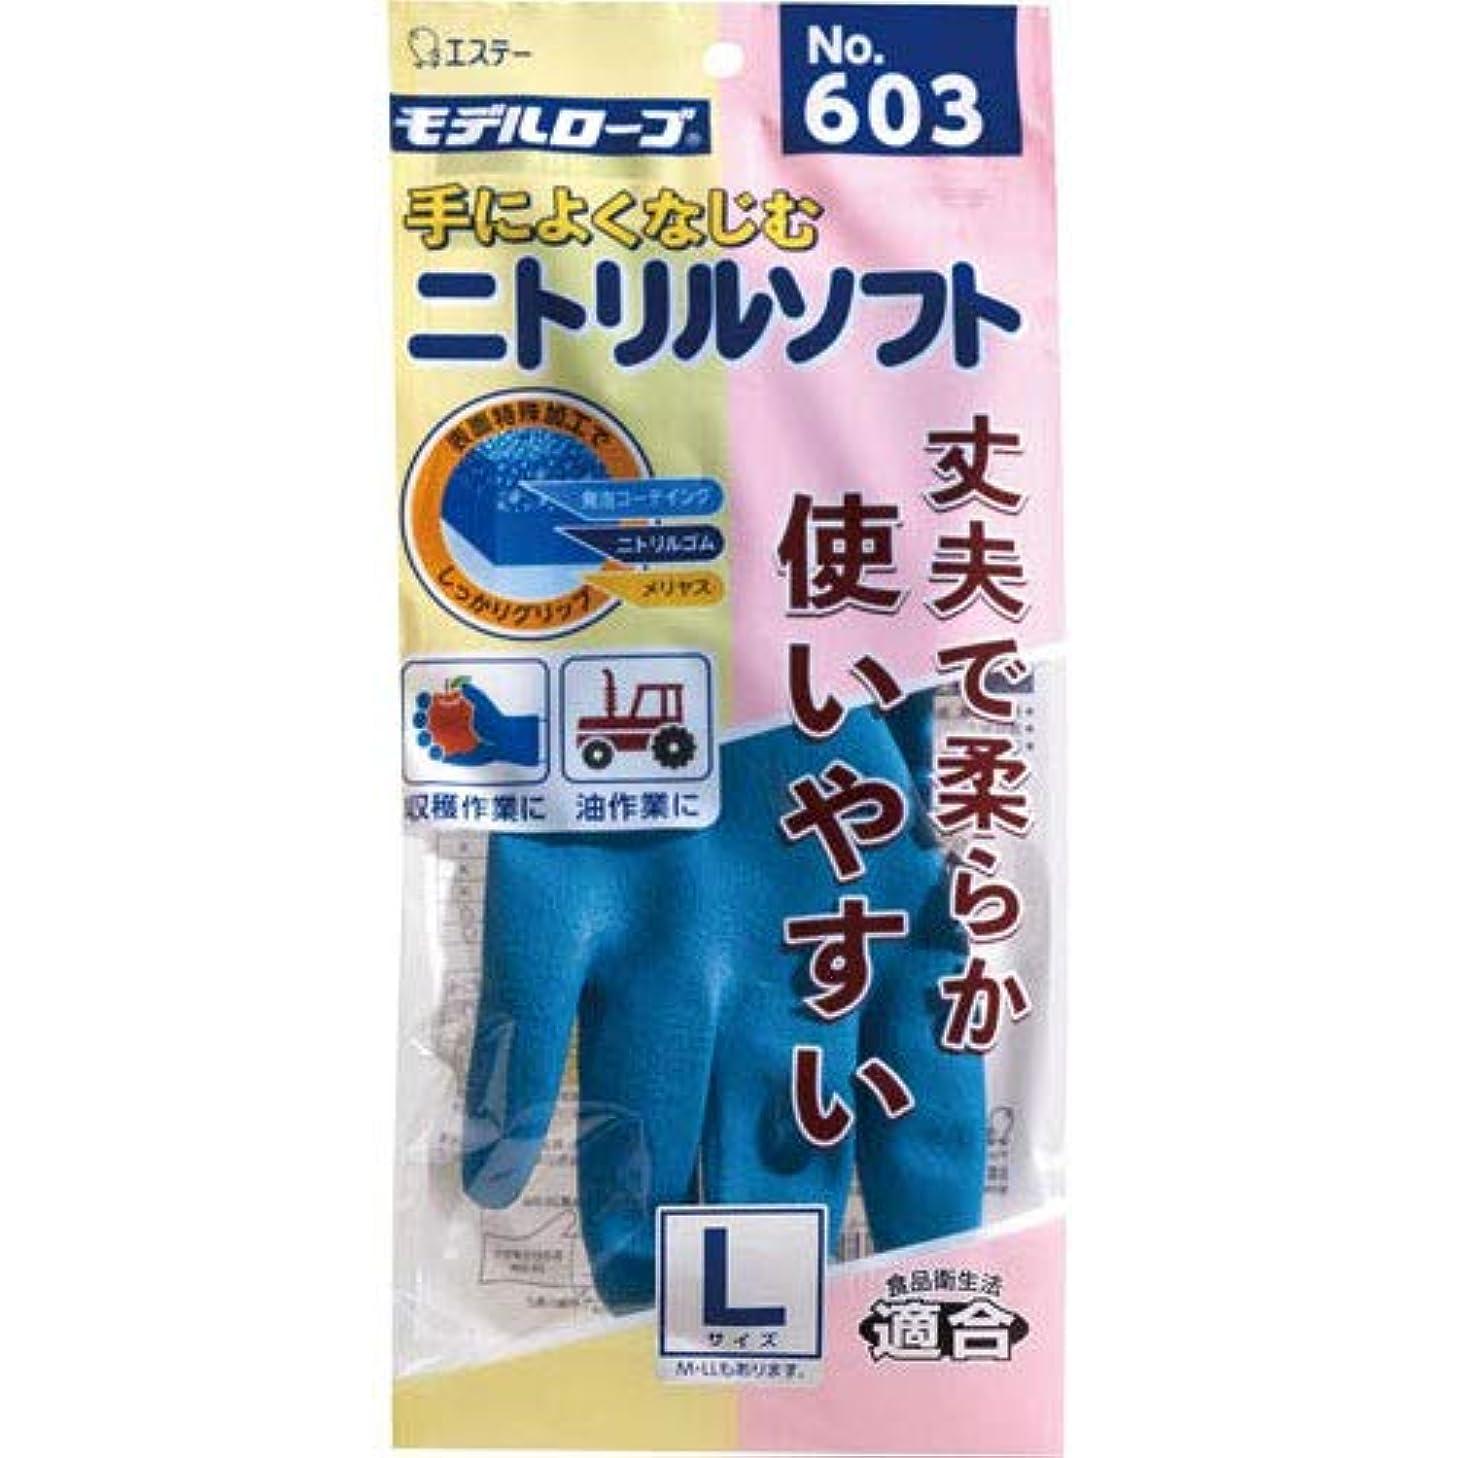 編集する許容できる折モデルローブ ニトリルソフト No.603 L